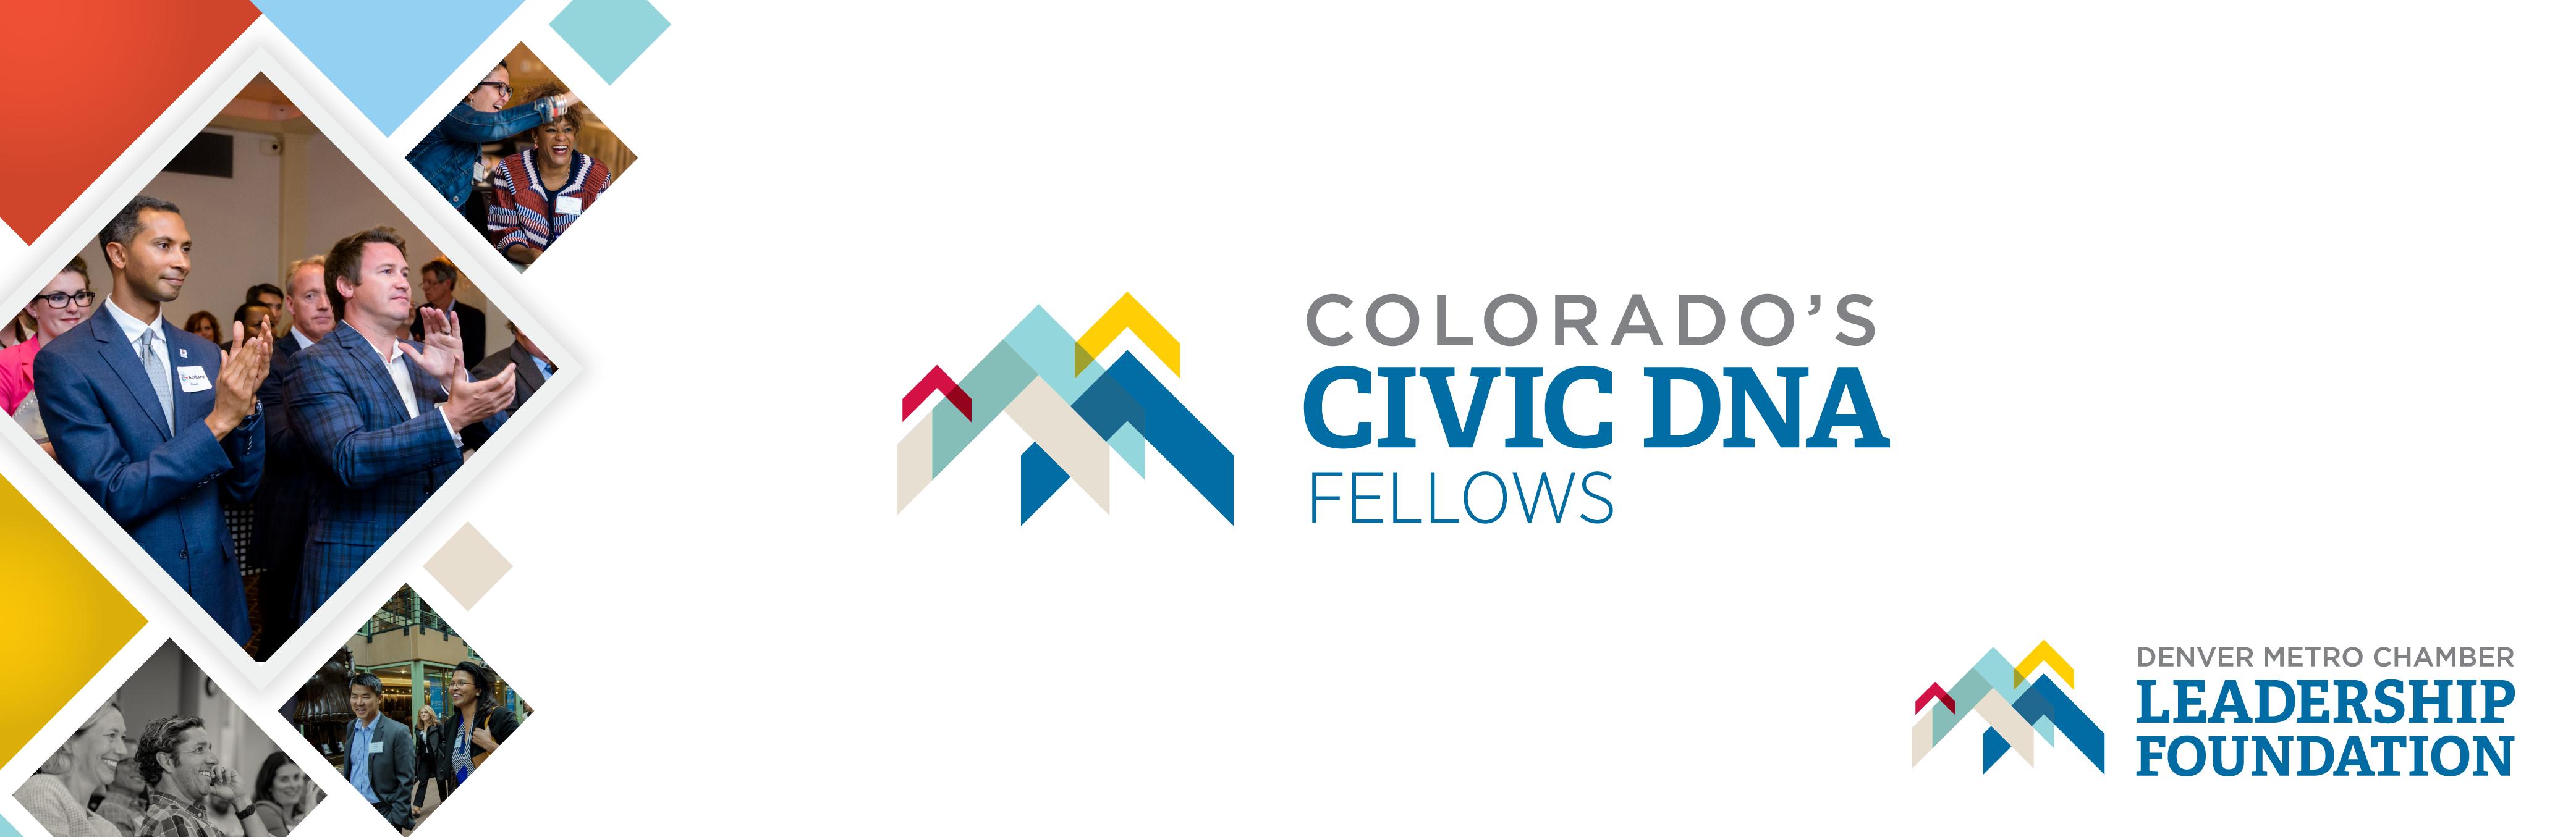 Colorado's Civic DNA Fellows 2018 Application